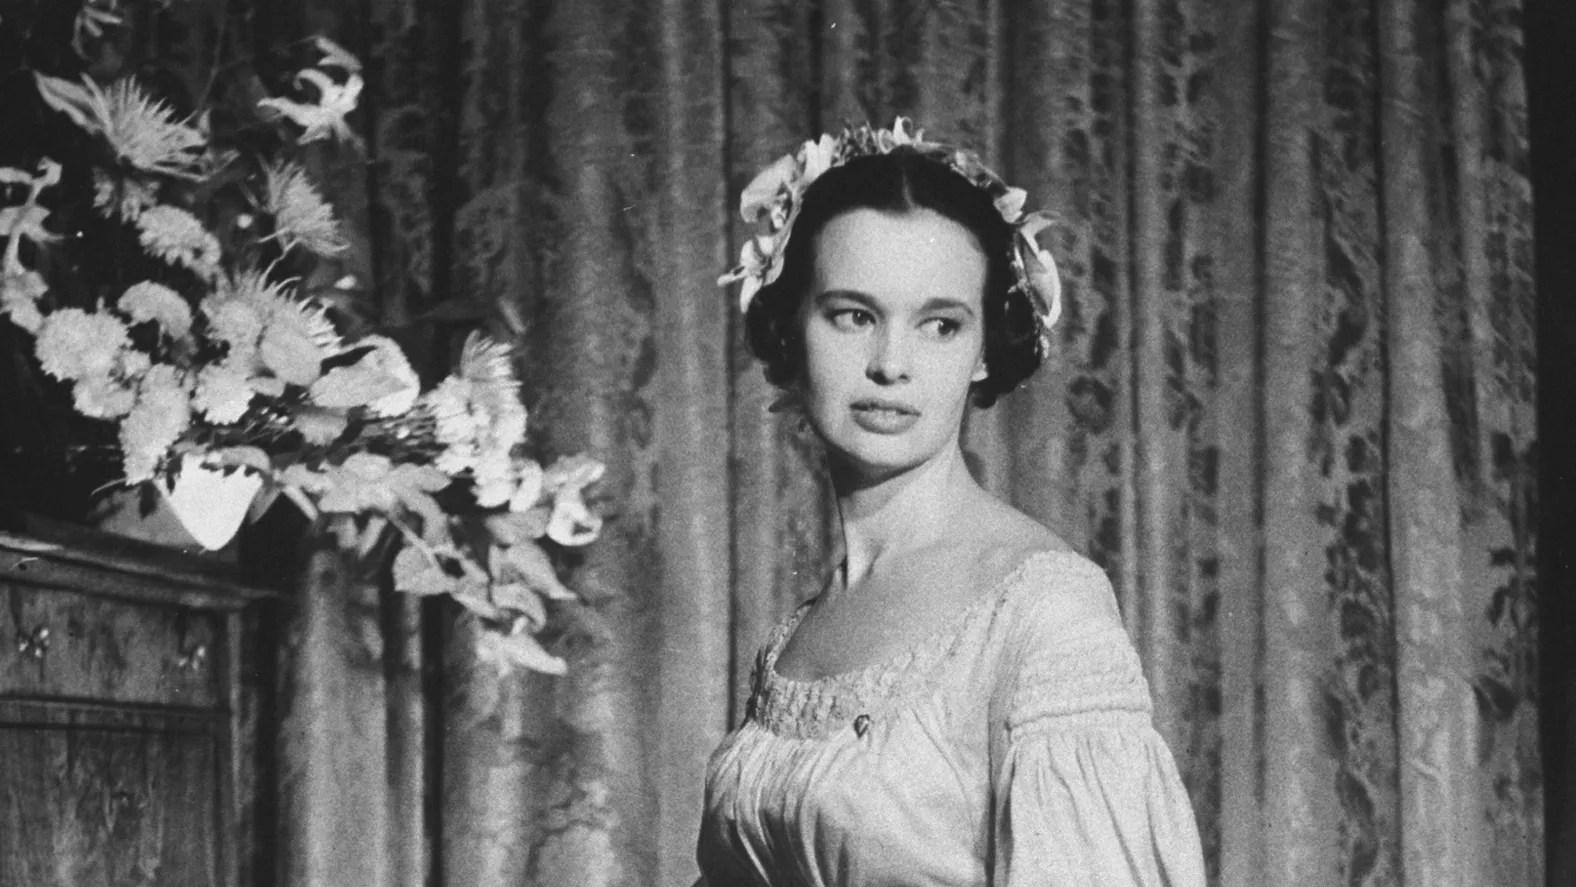 Consuelo Vanderbilt Wedding Gown 45106